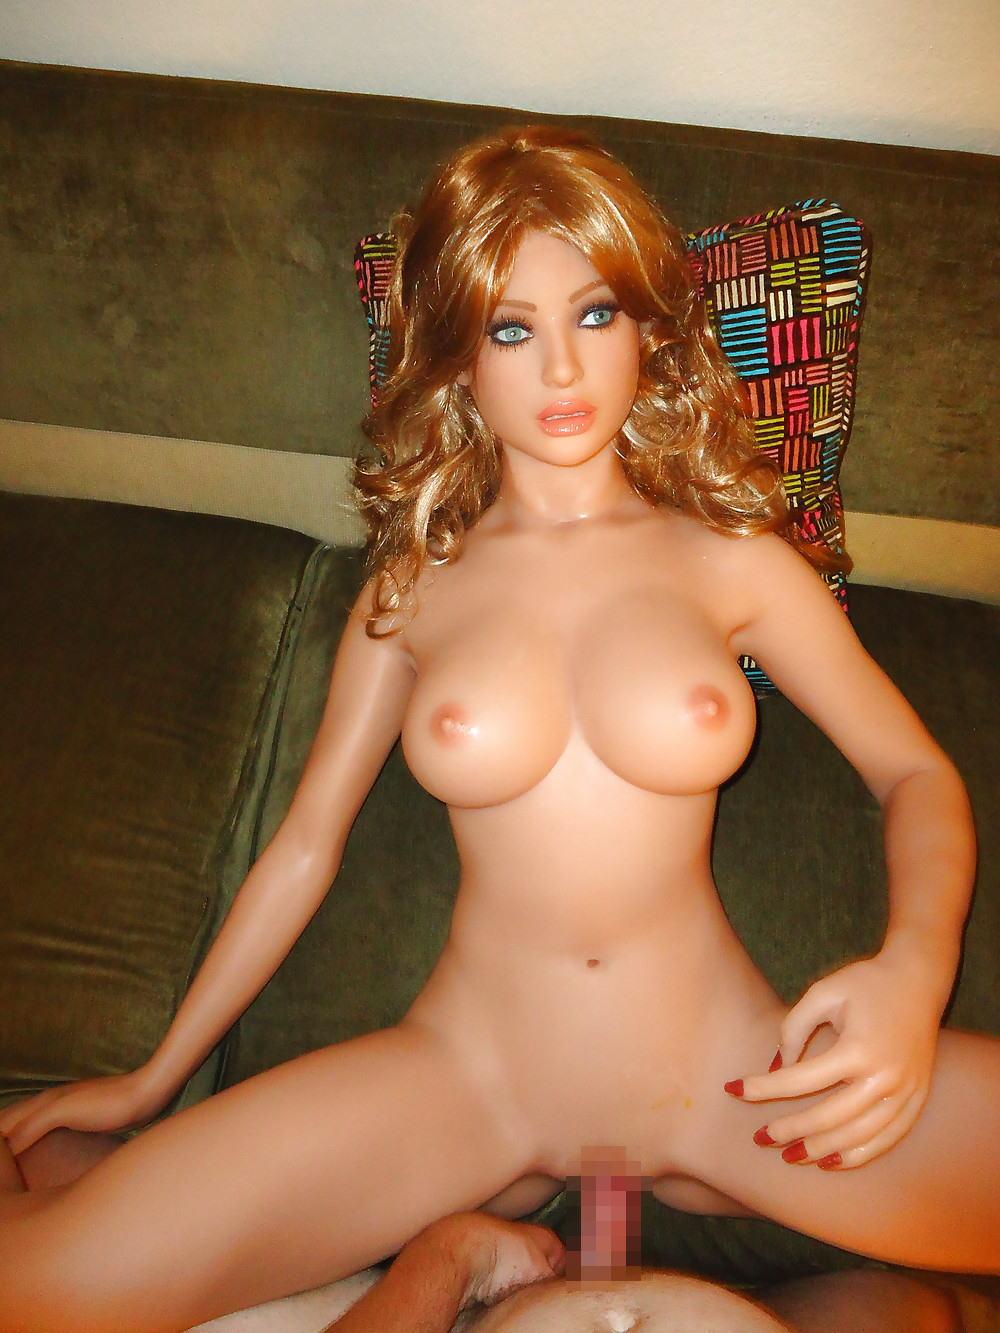 セックス 人形 挿入 ハメ撮り ラブドール エロ画像【30】